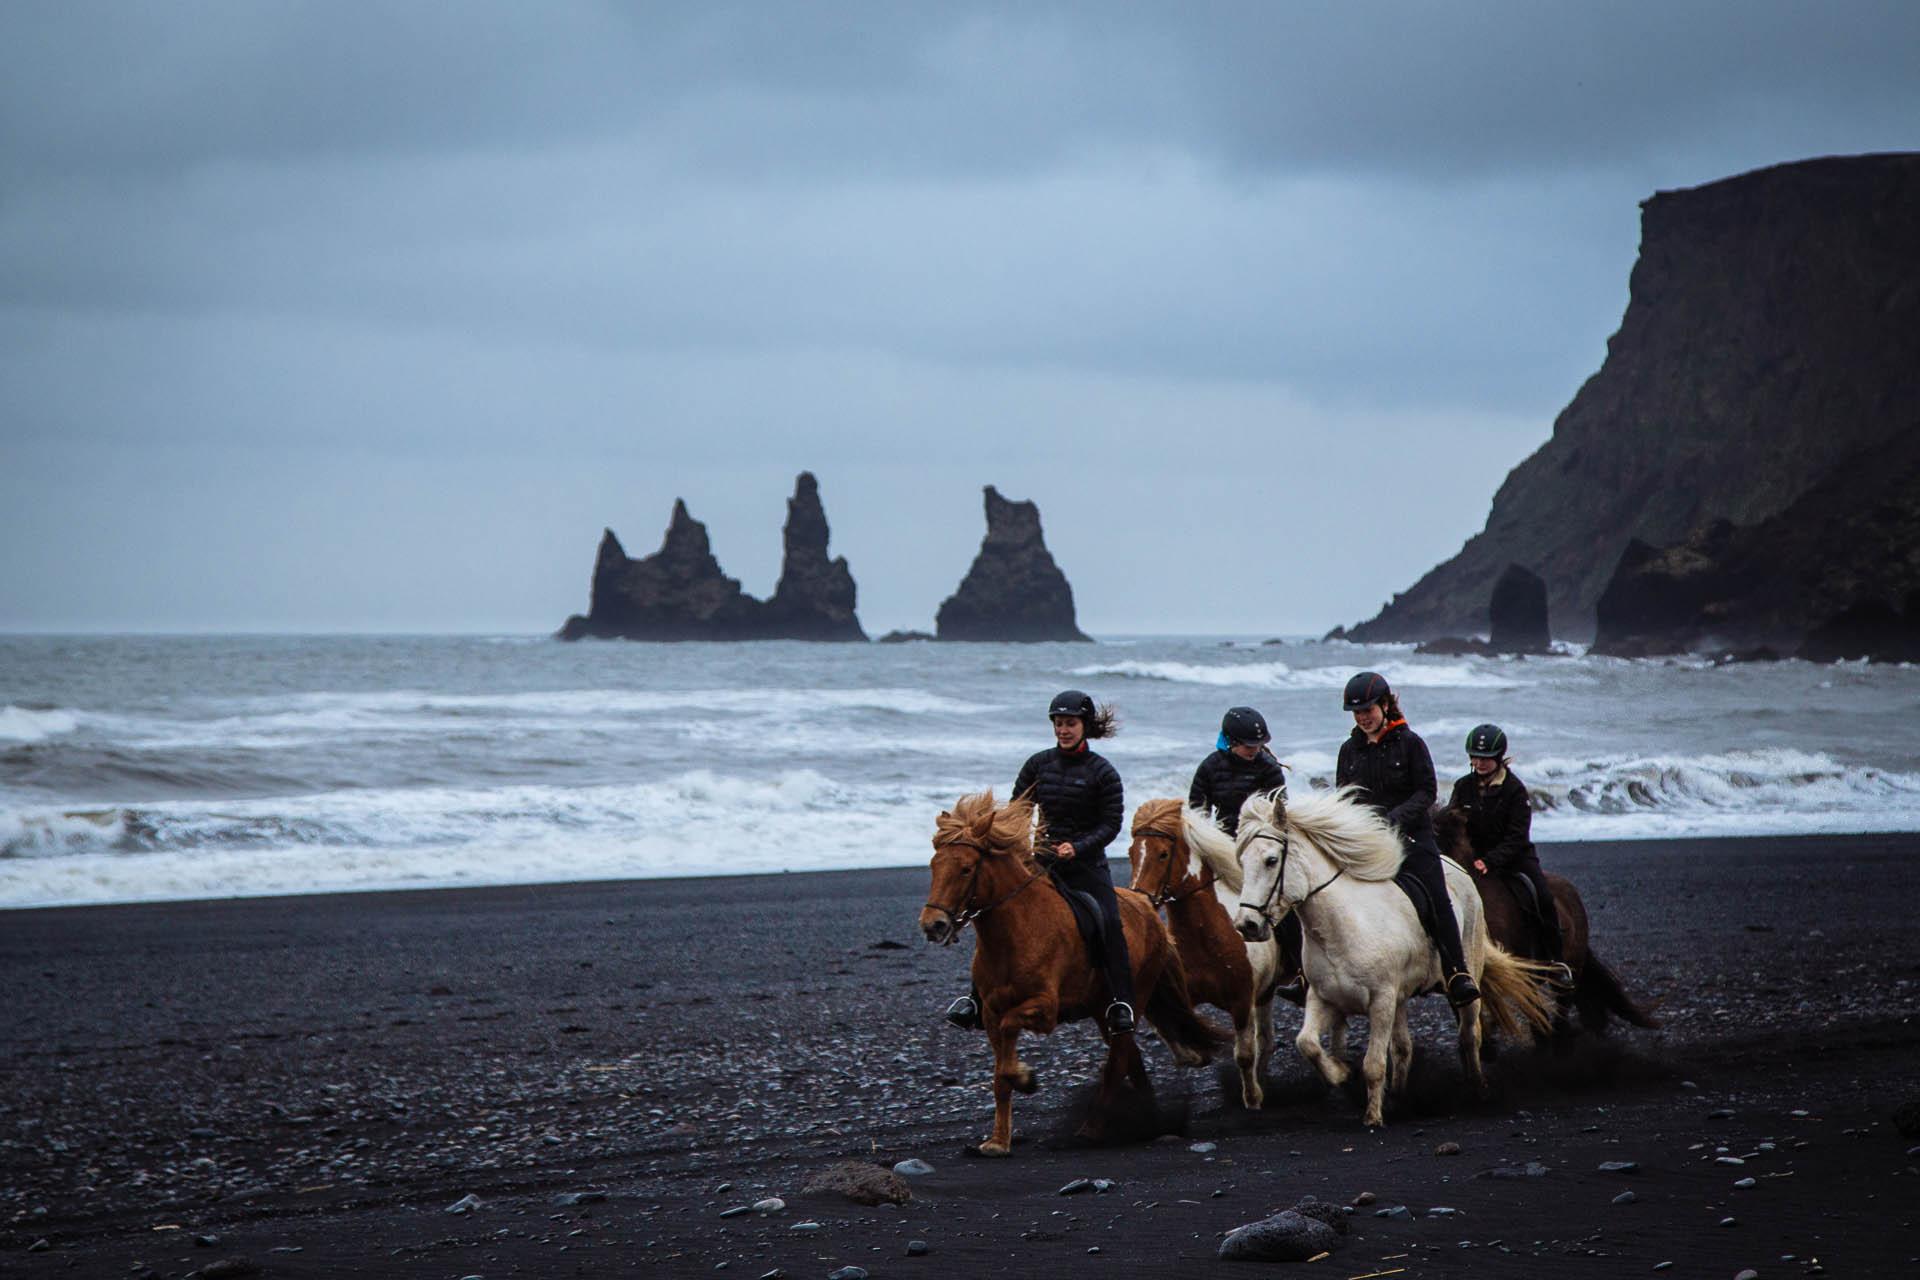 ساحل Nauthólsvík ایسلند